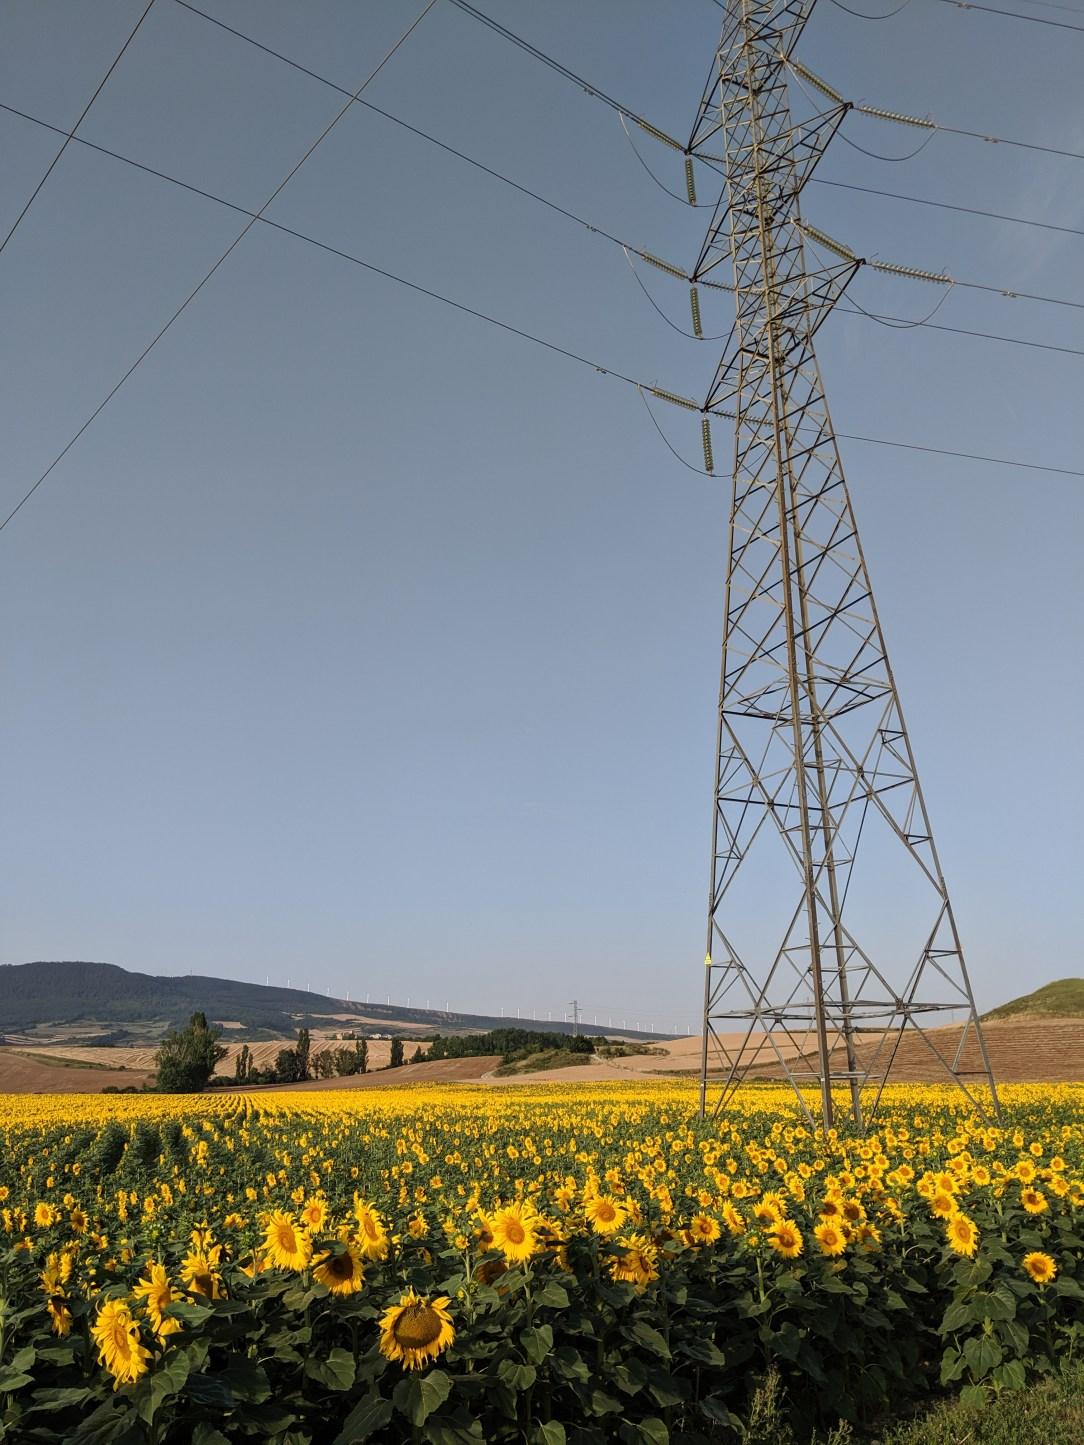 sunflower fields, Spain